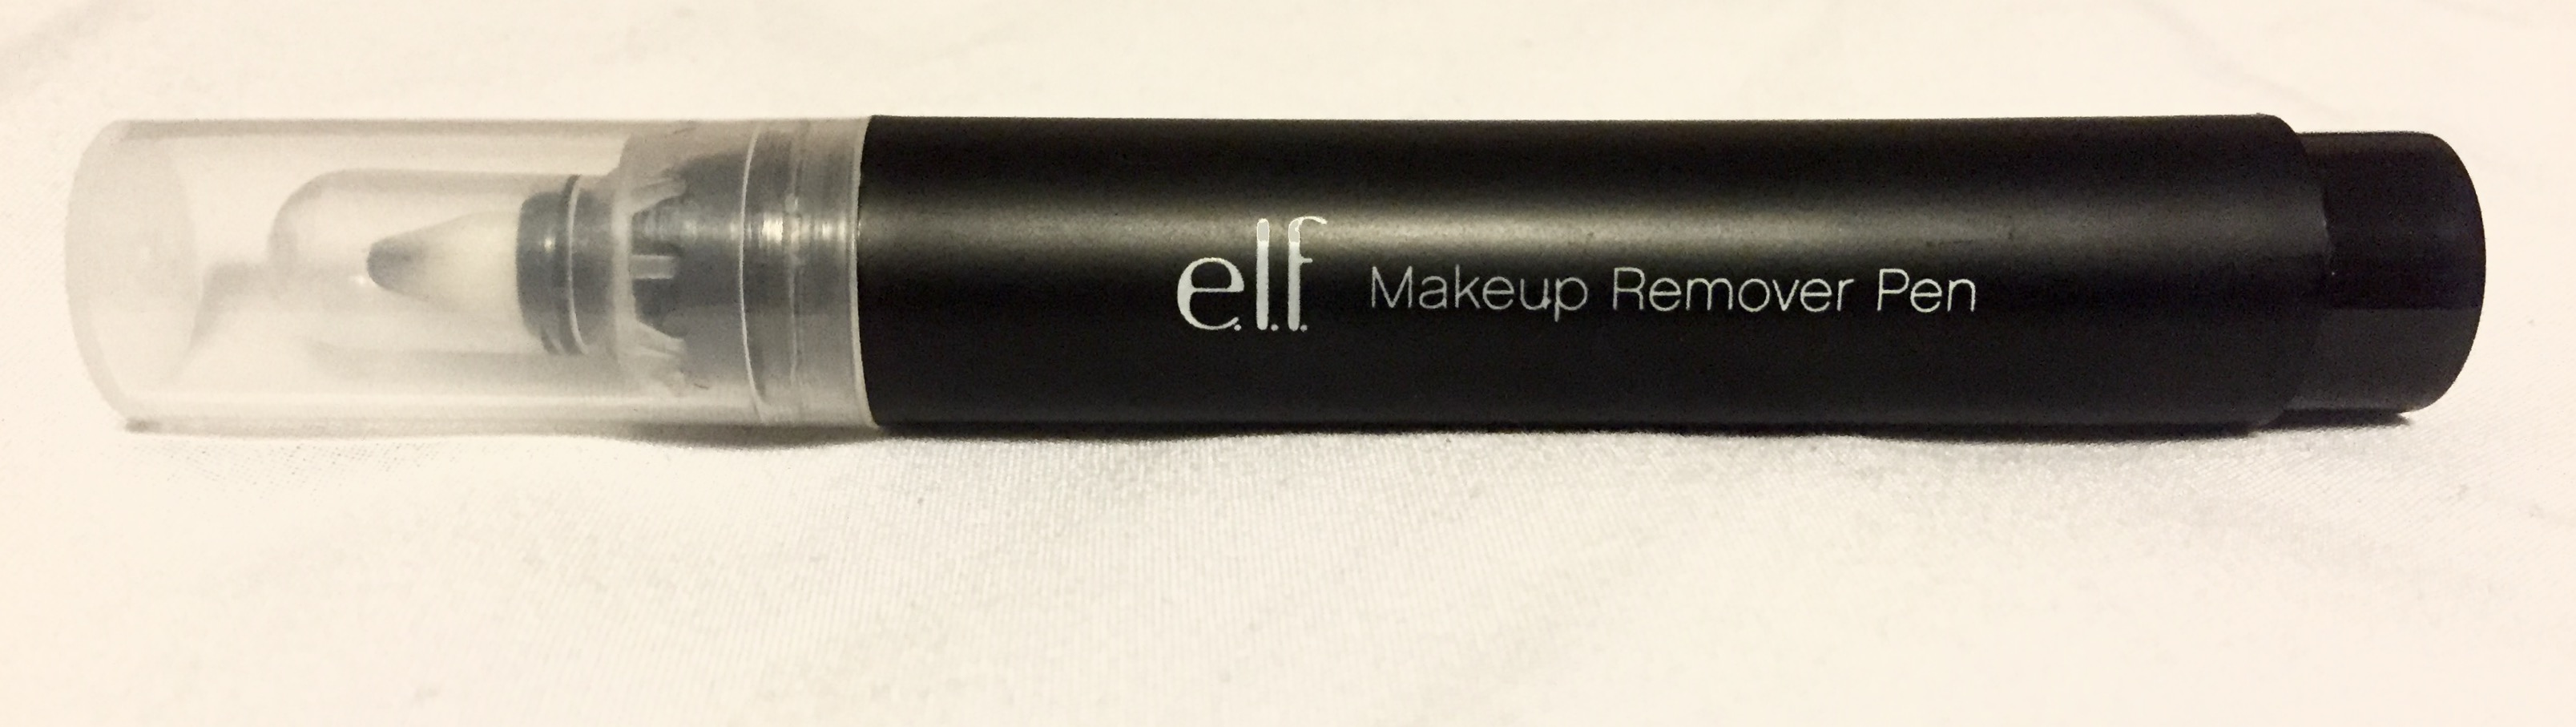 e.l.f. Makeup Remover Pen   Makeup & Flowers